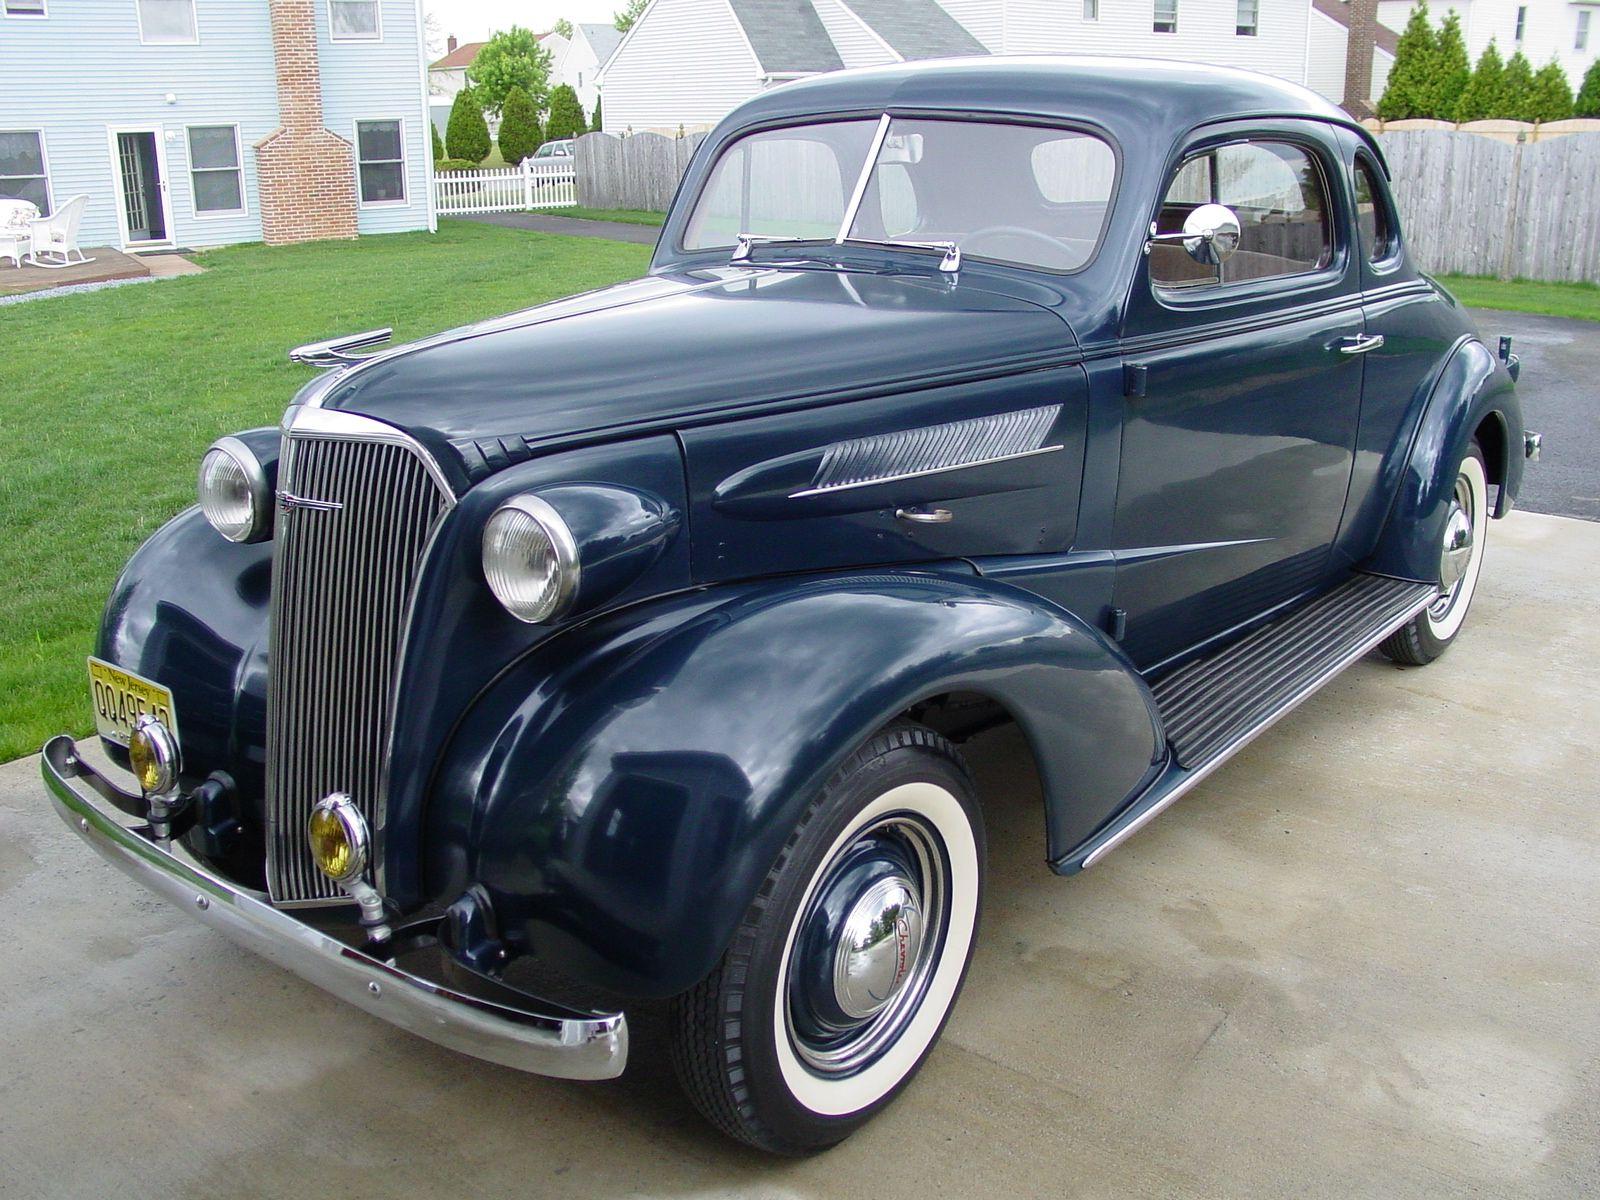 Google Image Result for http://www.my-classic-car-trader .com/car_ads/uploadedimages/975825237_022.jpg